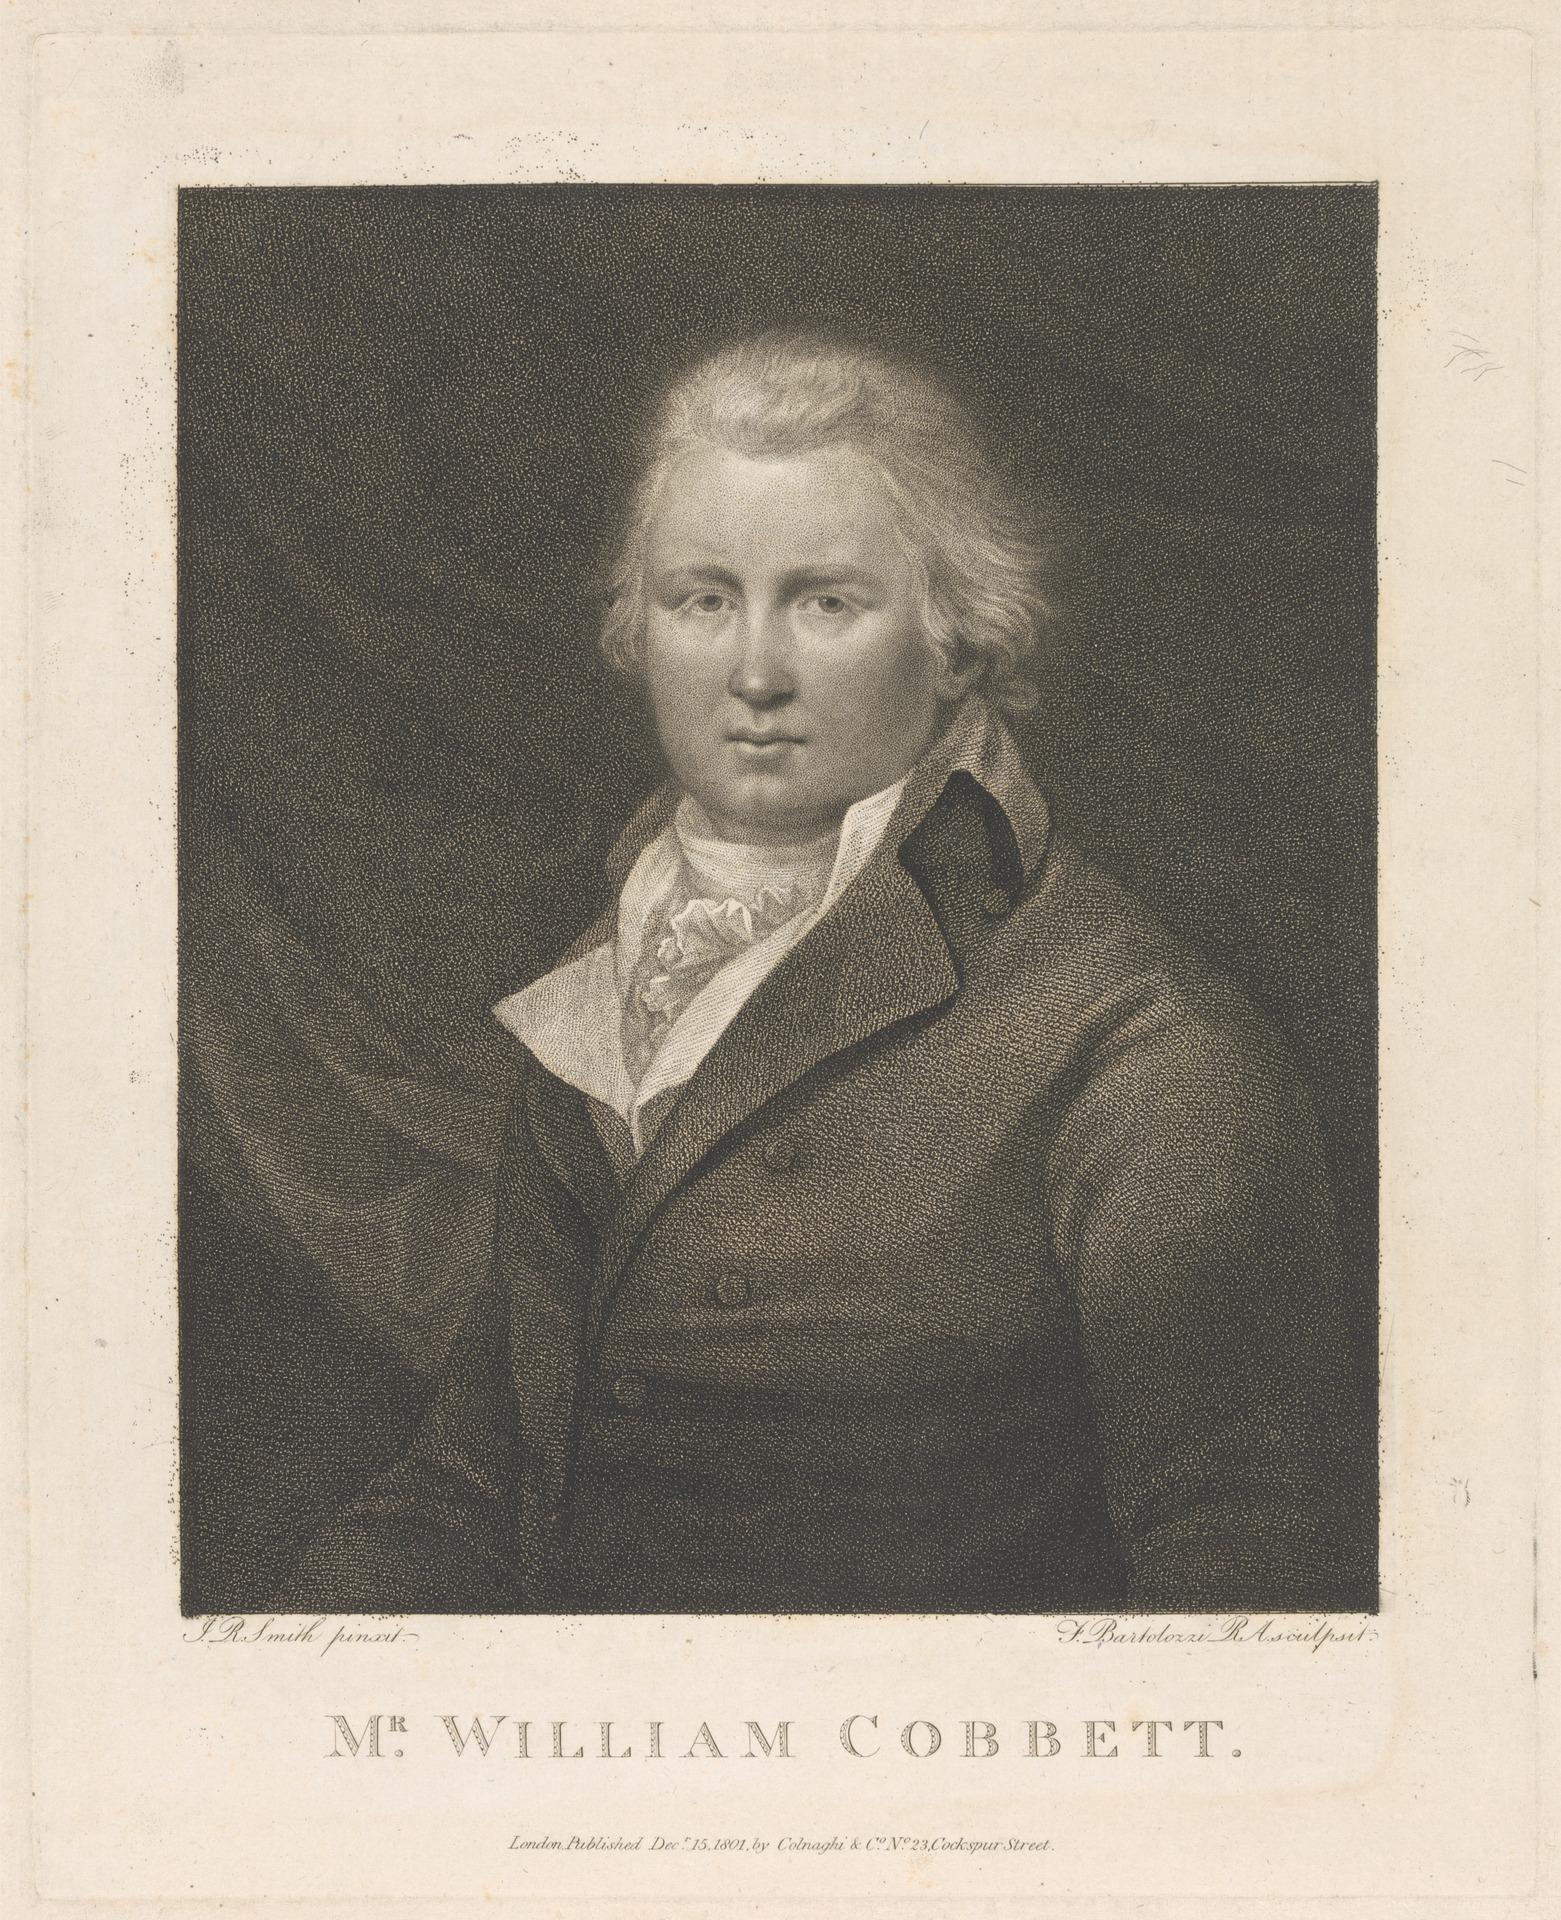 William Cobbett's State Trials: a complete list